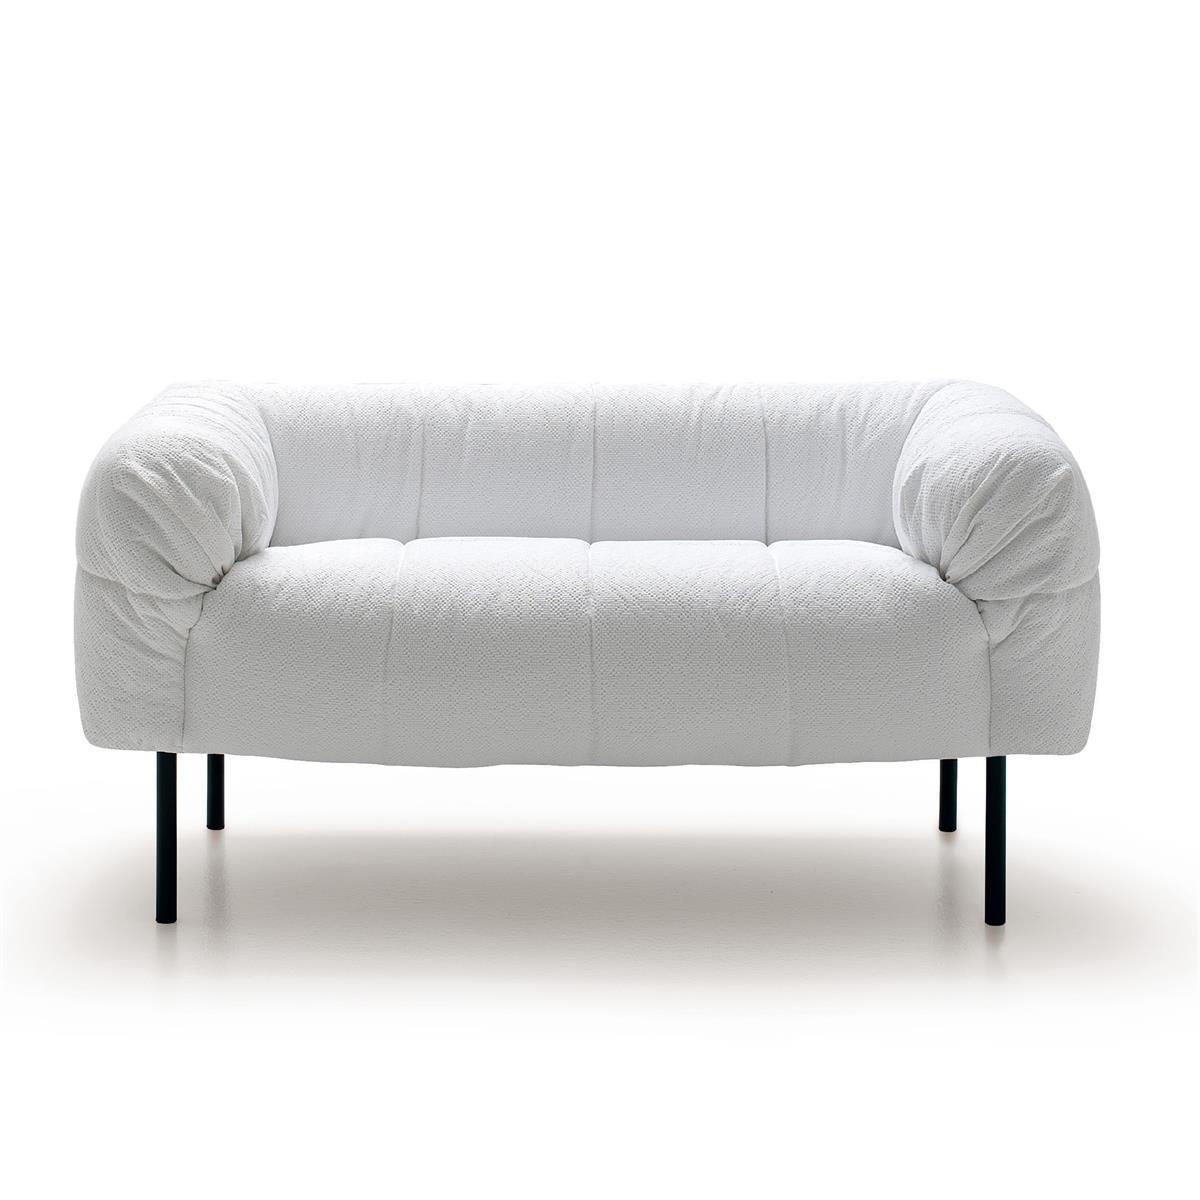 Peccorelle Sofa - на 360.ru: цены, описание, характеристики, где купить в Москве.